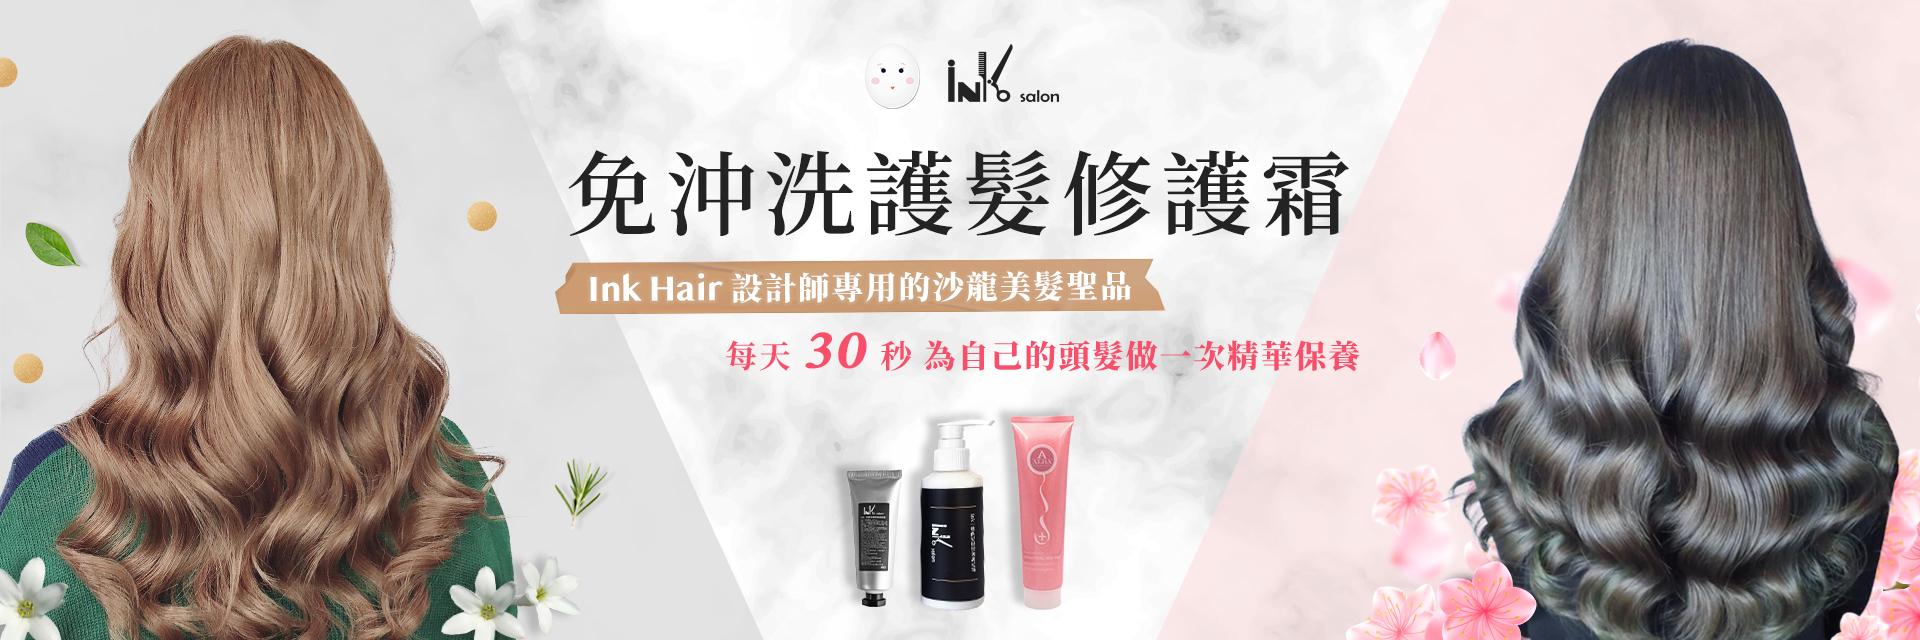 Ink Hair沙龍等級免沖洗護髮介紹